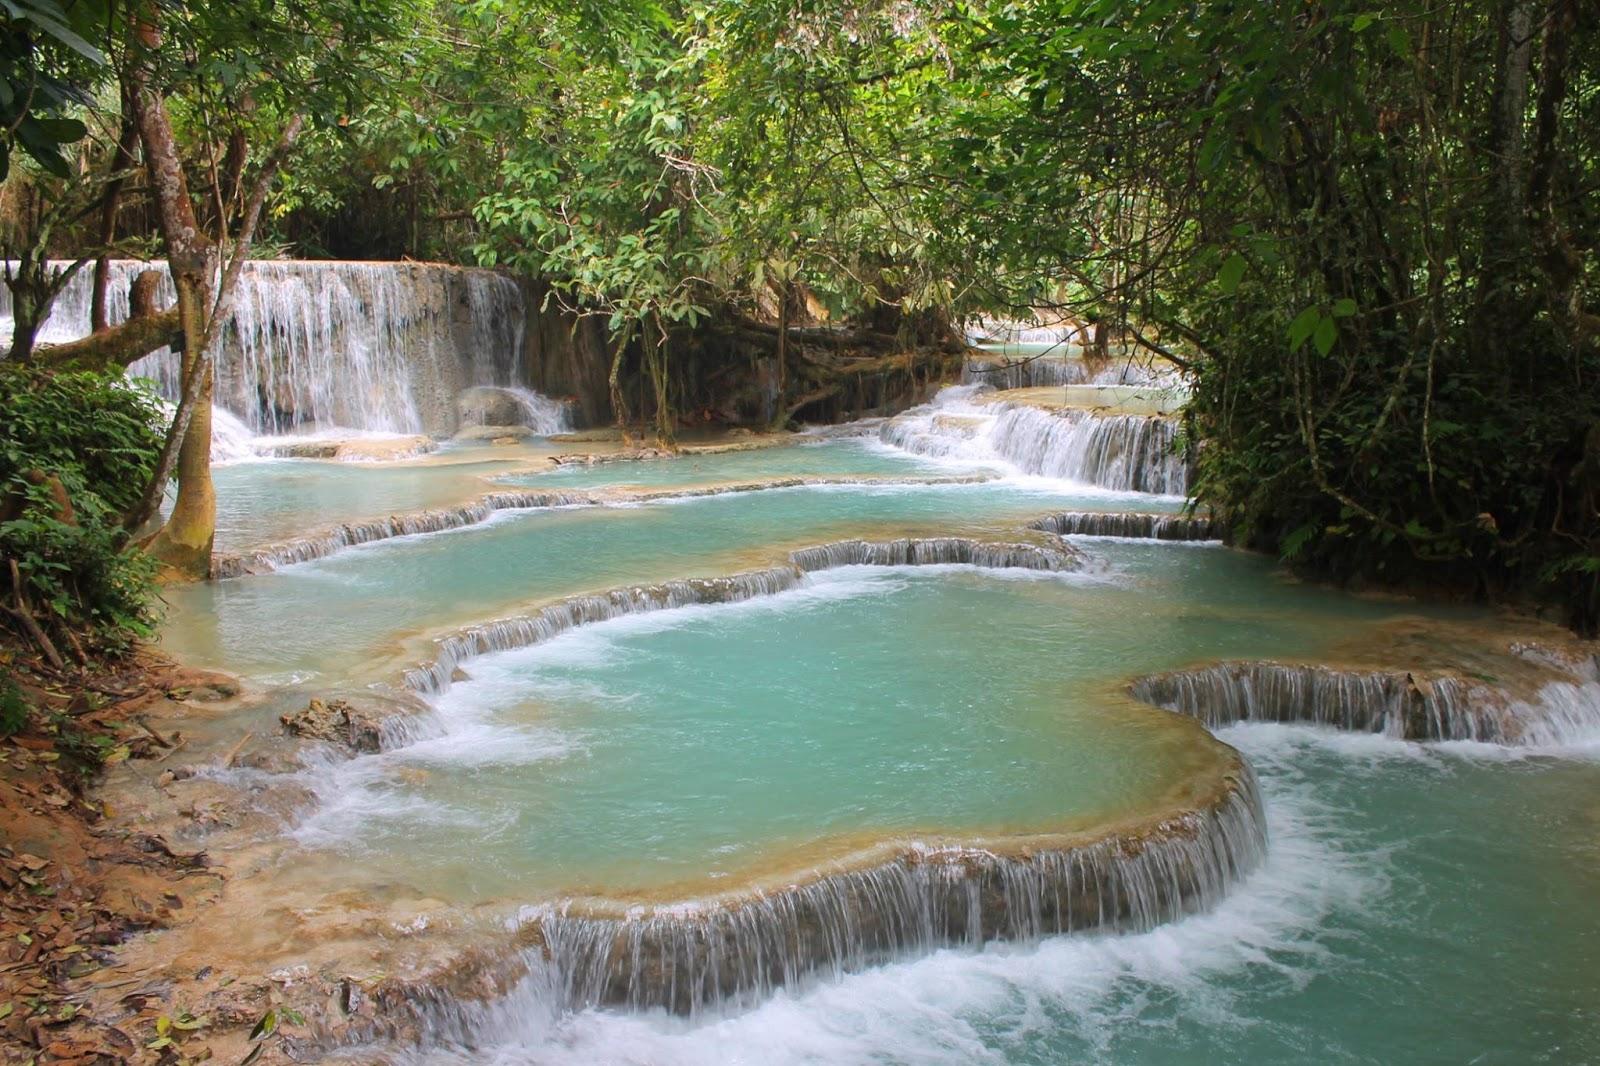 Gli imperdibili dintorni di Luang Prabang: le cascate di Kuang Si e le grotte di Pak Ou